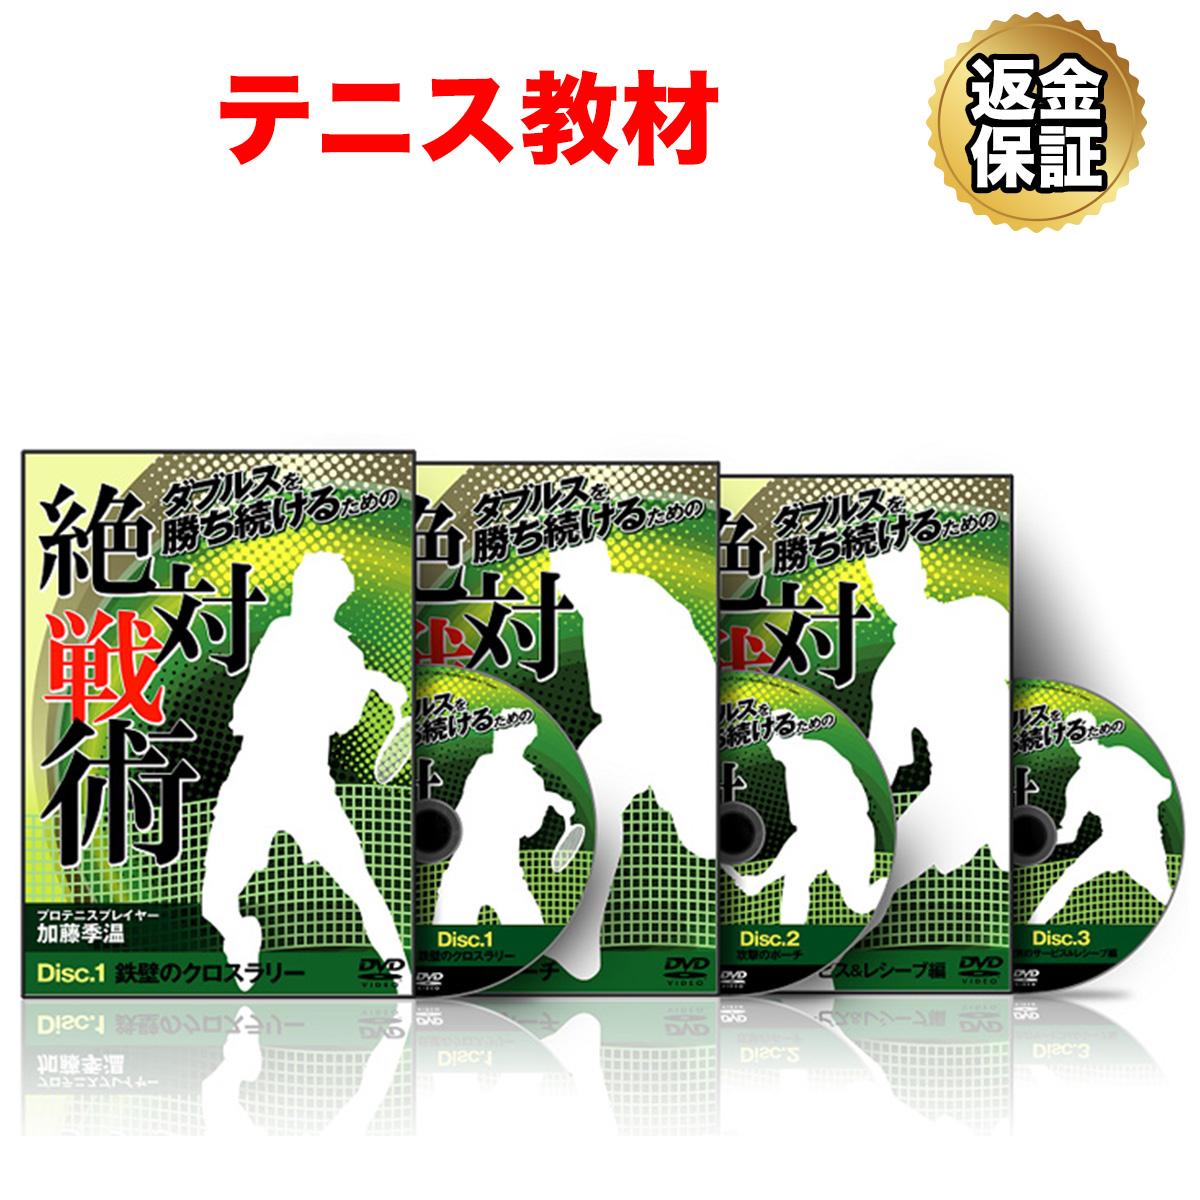 【テニス】ダブルスを勝ち続けるための絶対戦術 フルセット